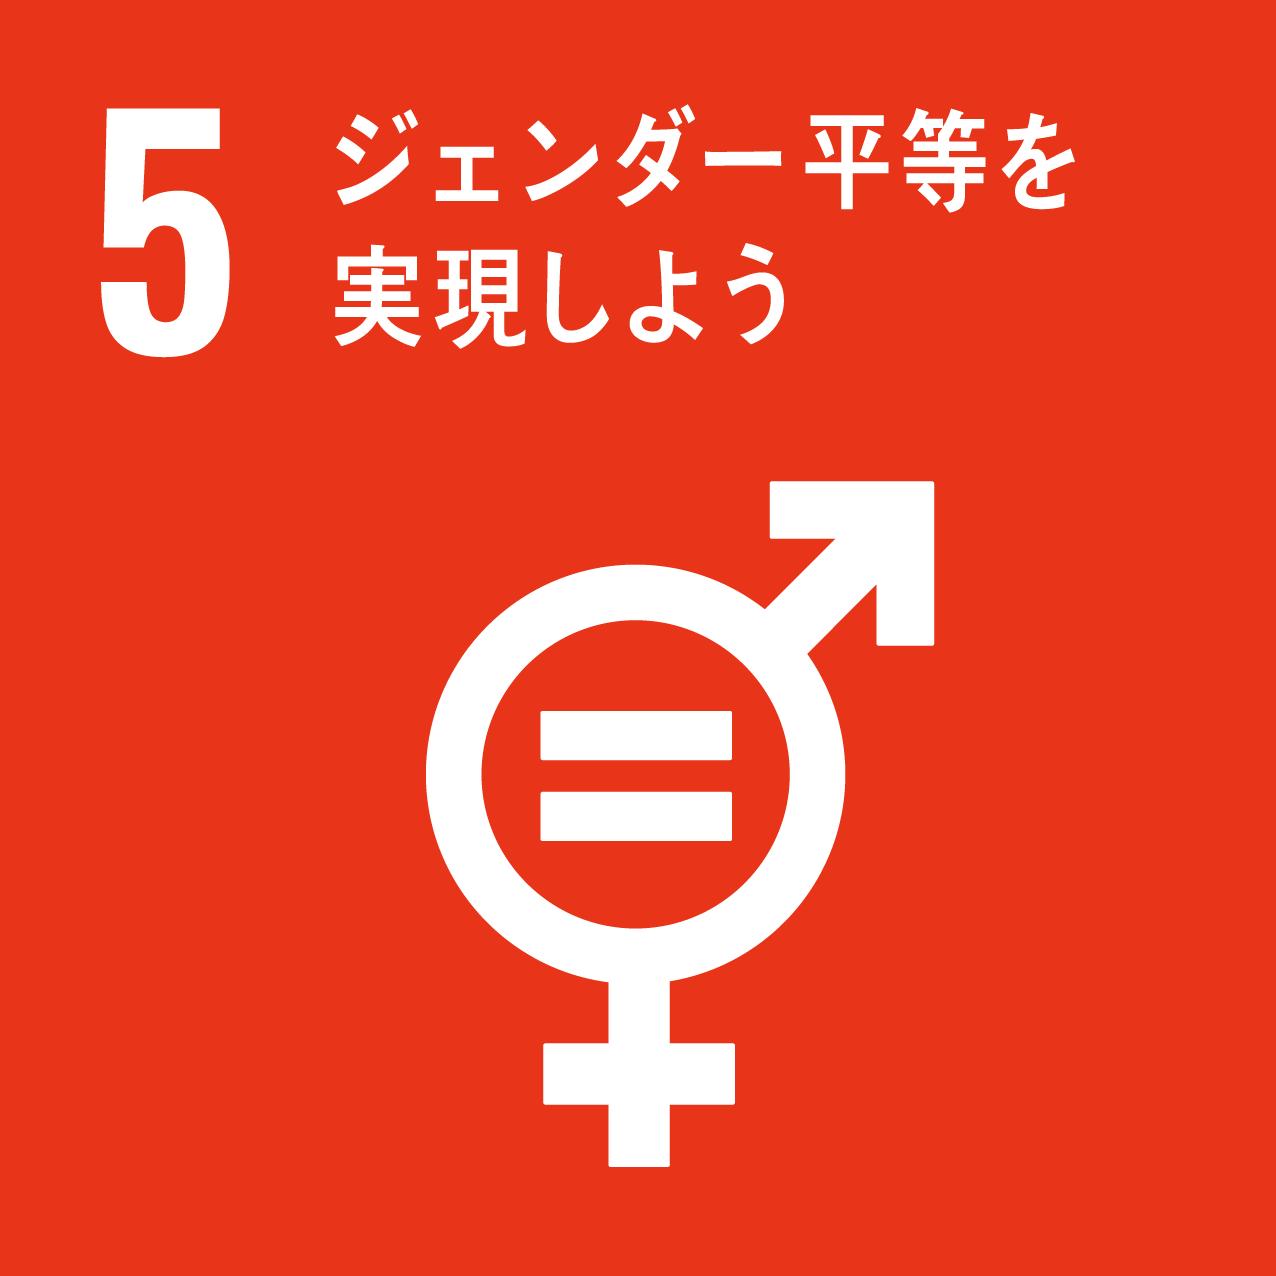 ジェンダー(男女格差)平等を実現しよう